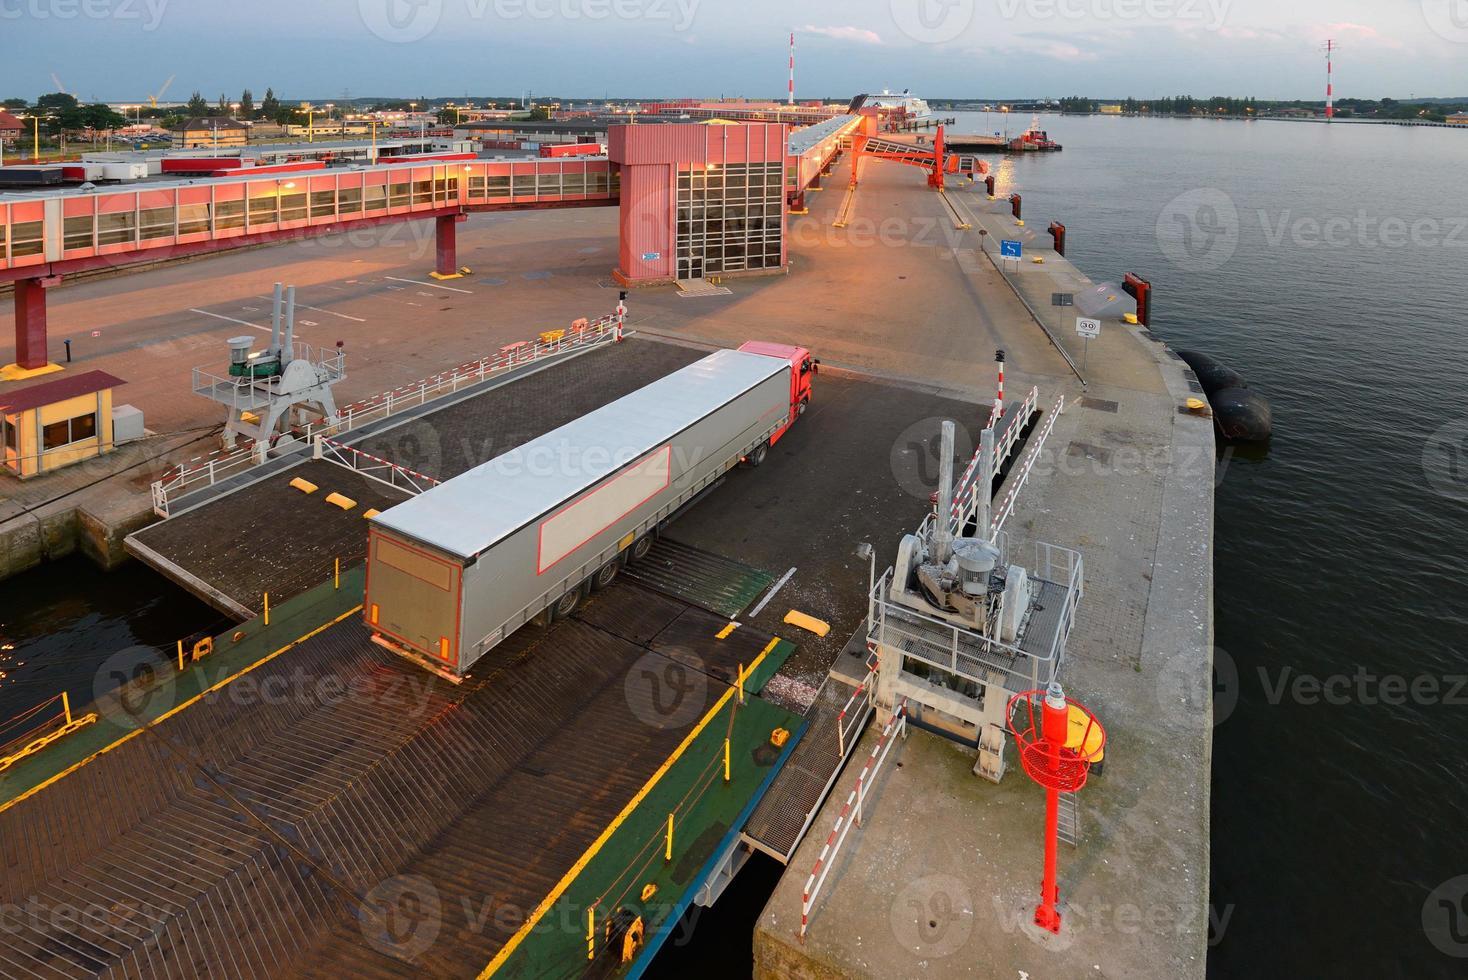 vrachtwagens aan boord van de veerboot foto